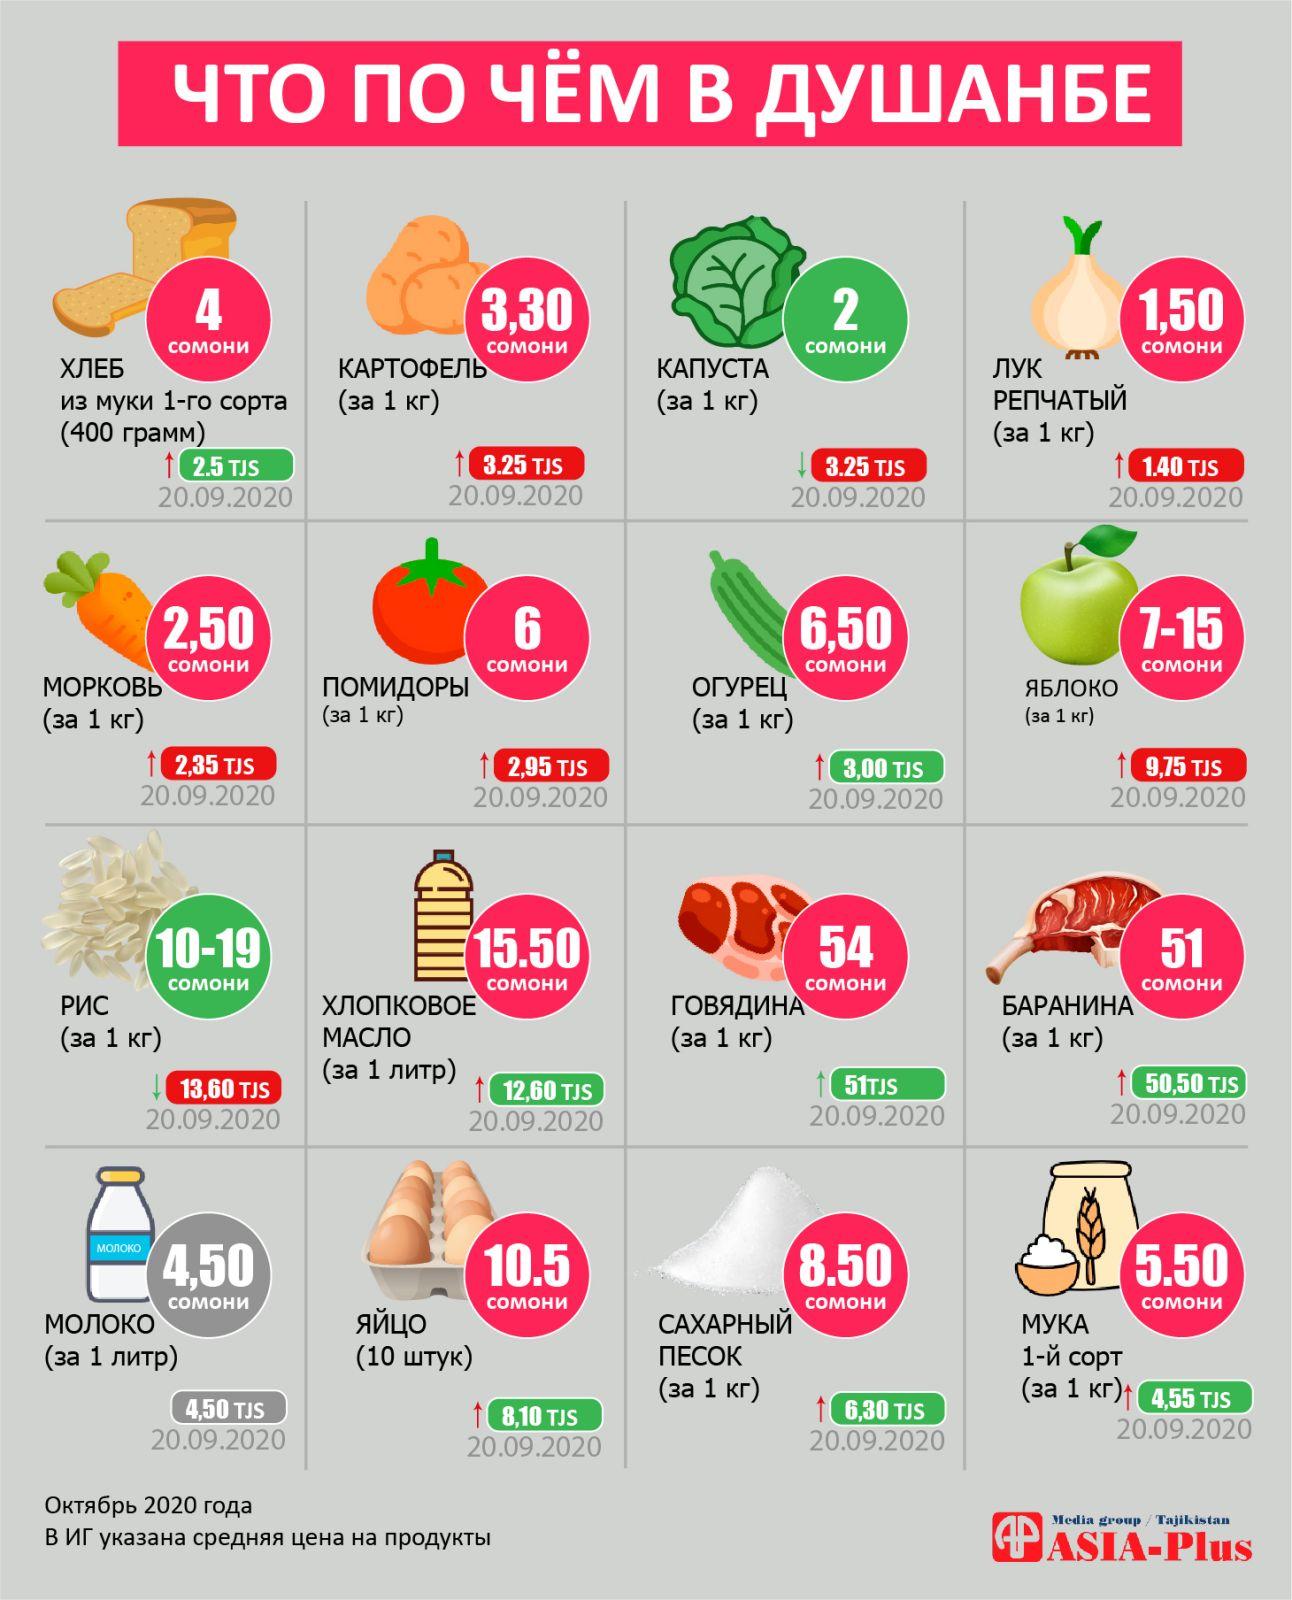 Цены в Таджикистане взлетели вверх